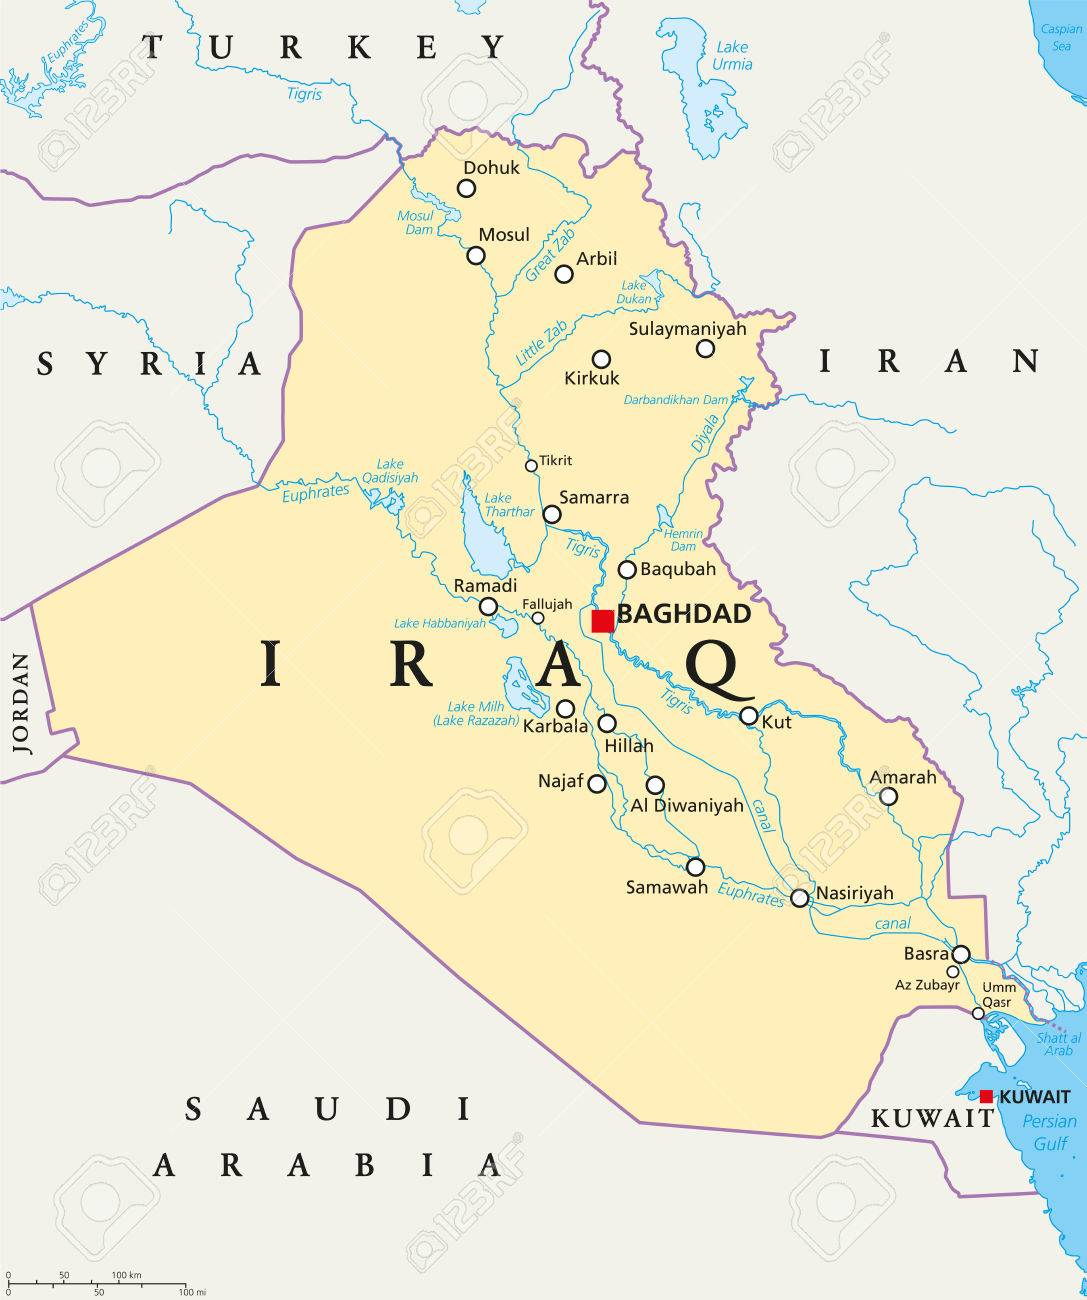 Cartina Iraq.Mappa Politica Dell Iraq Con Capitale Baghdad I Confini Nazionali Importanti Citta Fiumi E Laghi Chiamato Anche La Mesopotamia La Terra Tra Tigri